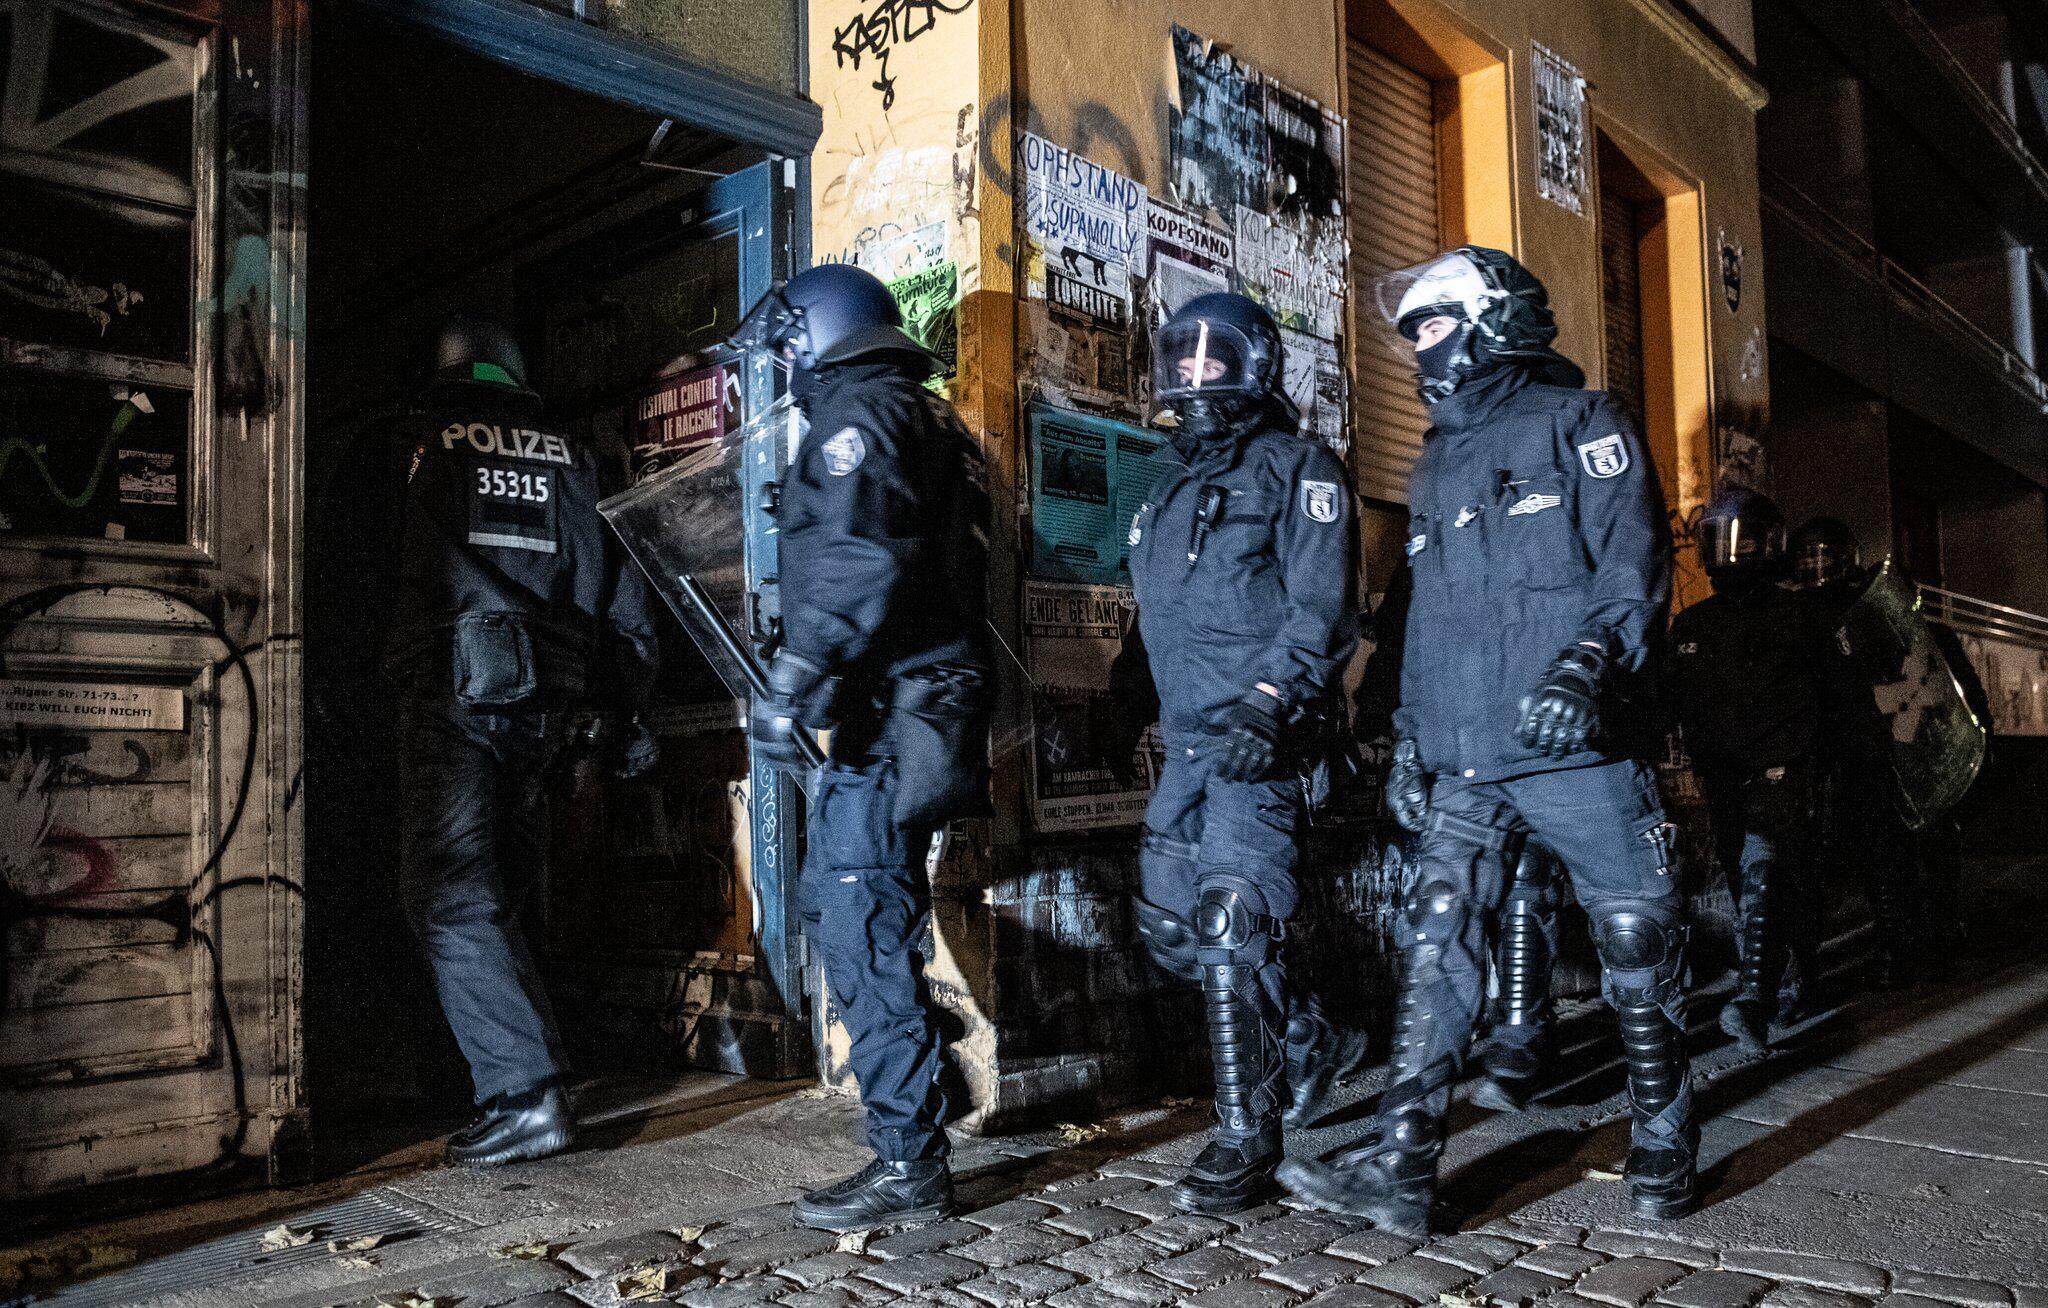 Bild zu Polizei-Großeinsatz in der Rigaer Straße